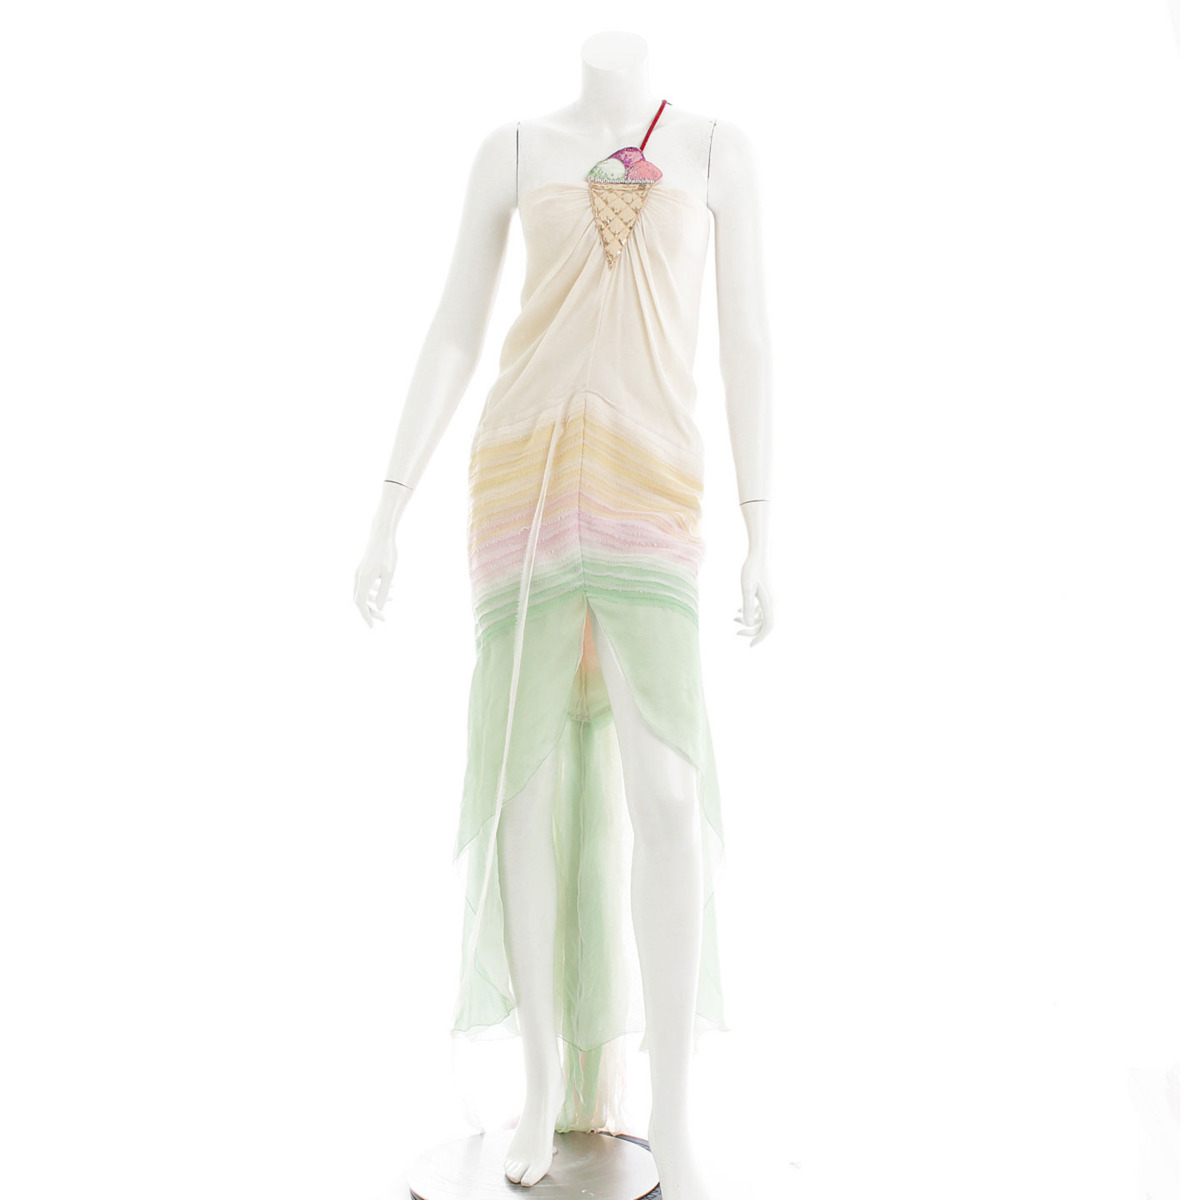 【シャネル】Chanel アイスクリーム ドレス フリンジ 36 【中古】【鑑定済・正規品保証】【送料無料】29610